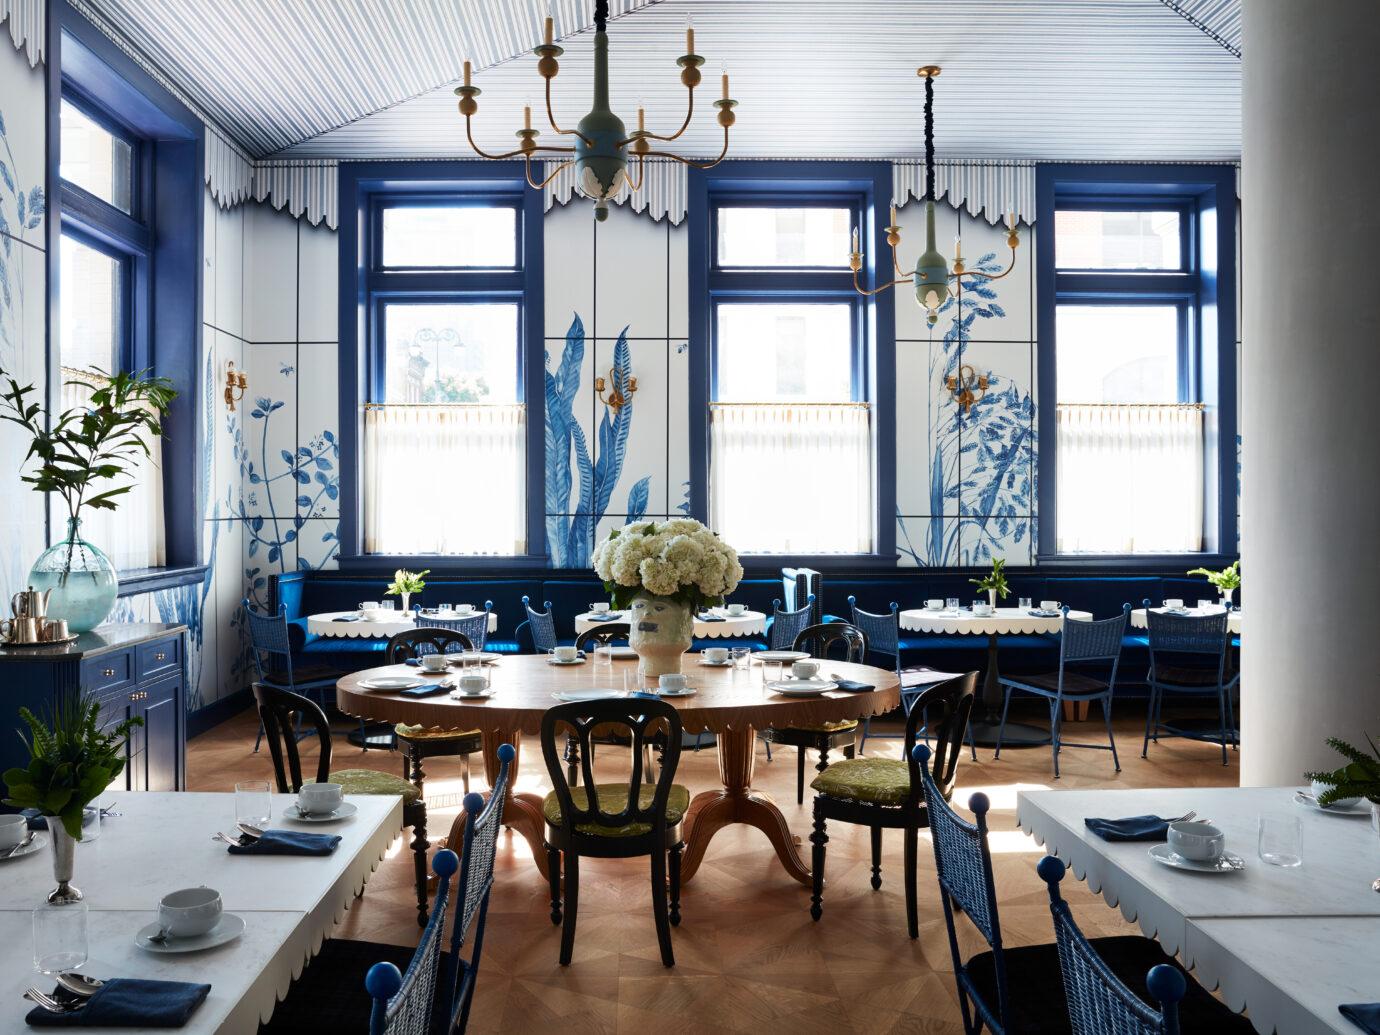 Restaurant at Maison de la Luz